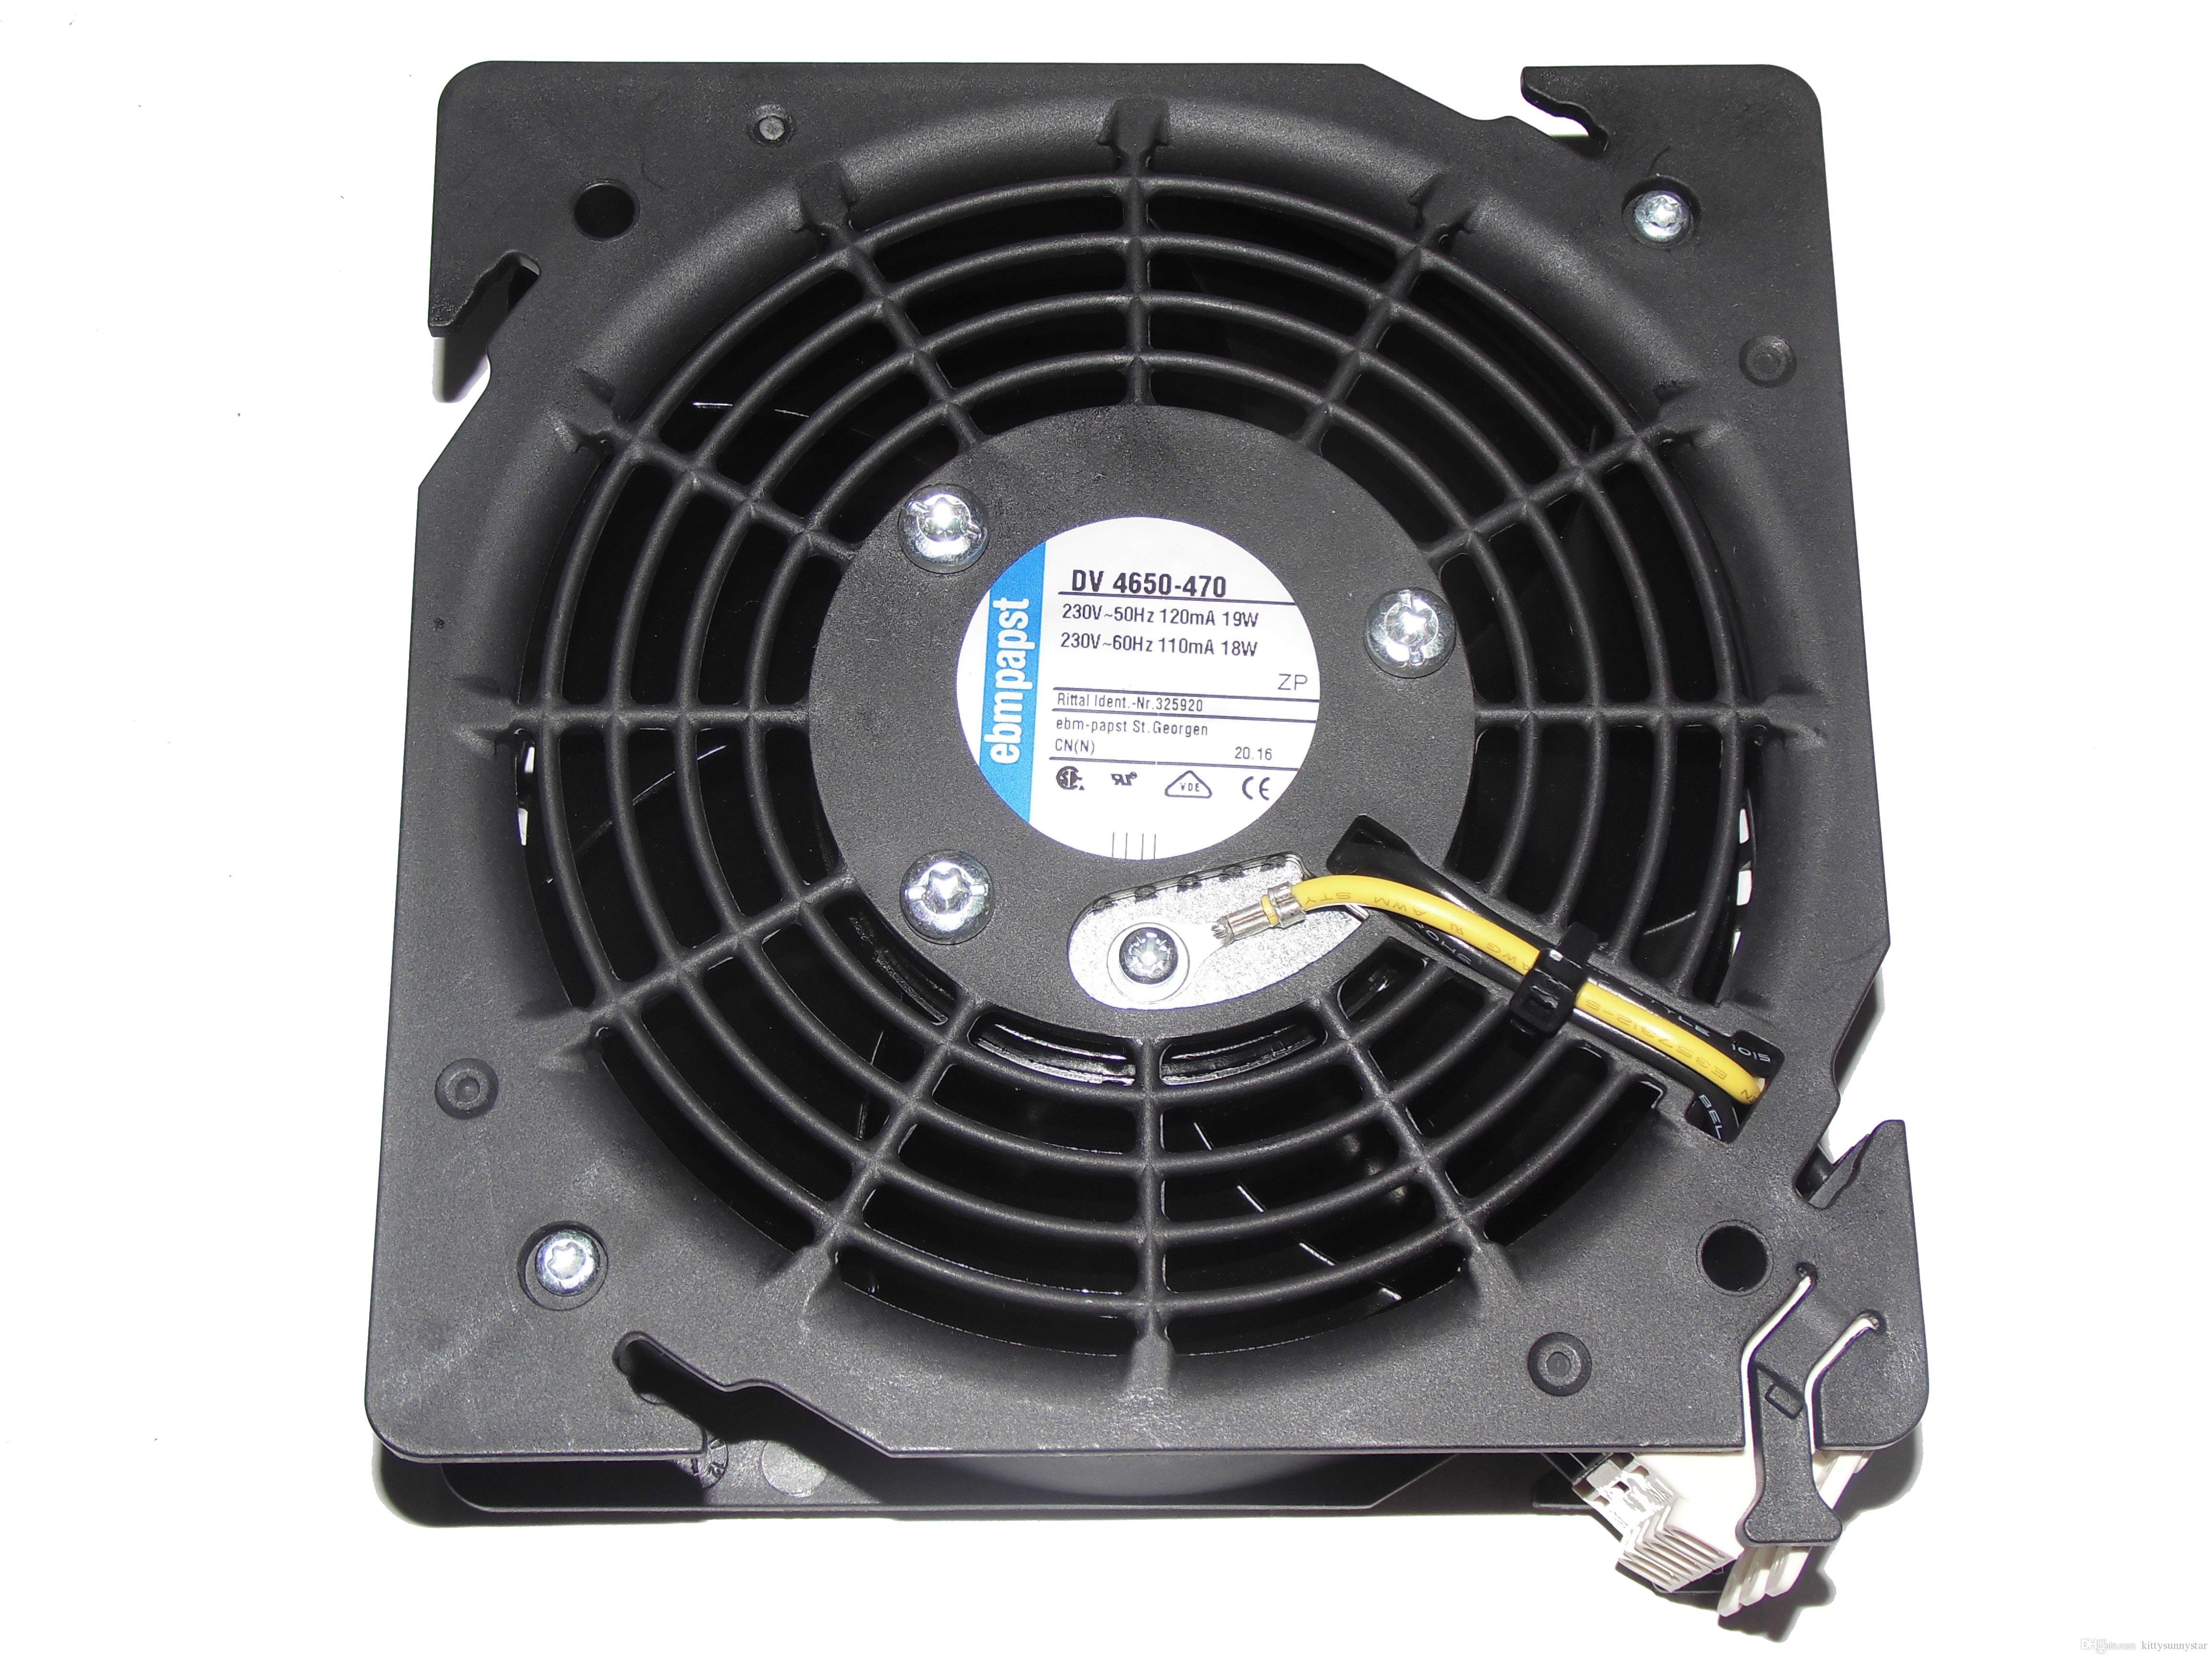 DV4650-470 230VAC 19 / 18W 50 / 60hz 120 / 110mA 2650rpm Fornecimento de ventilador de refrigeração do painel de proteção catódica UBA